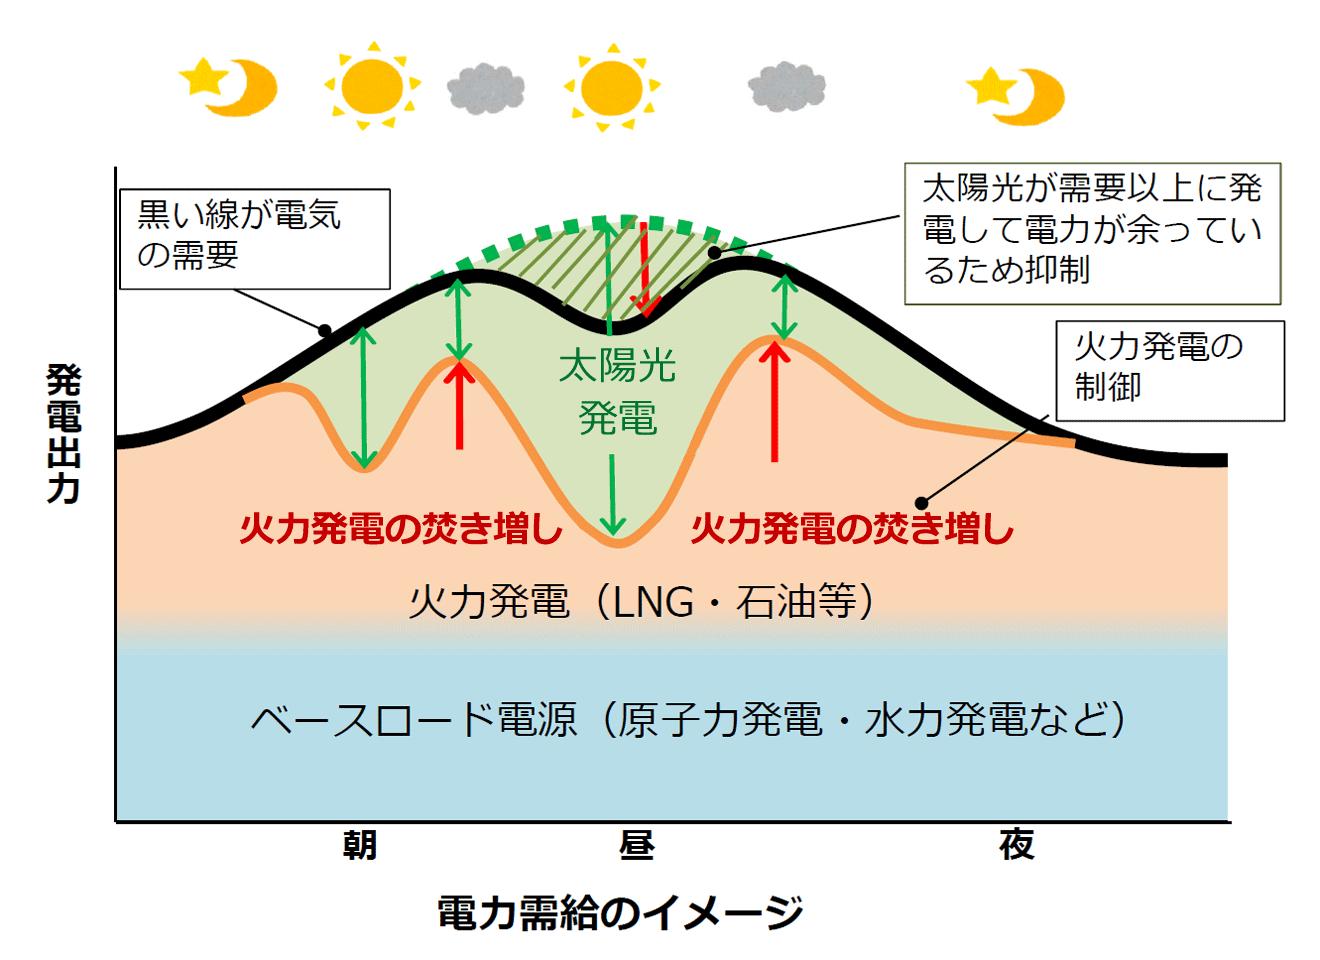 原発と石炭火力を動かして太陽光と風力を止めるのはおかしい_d0174710_12463567.png